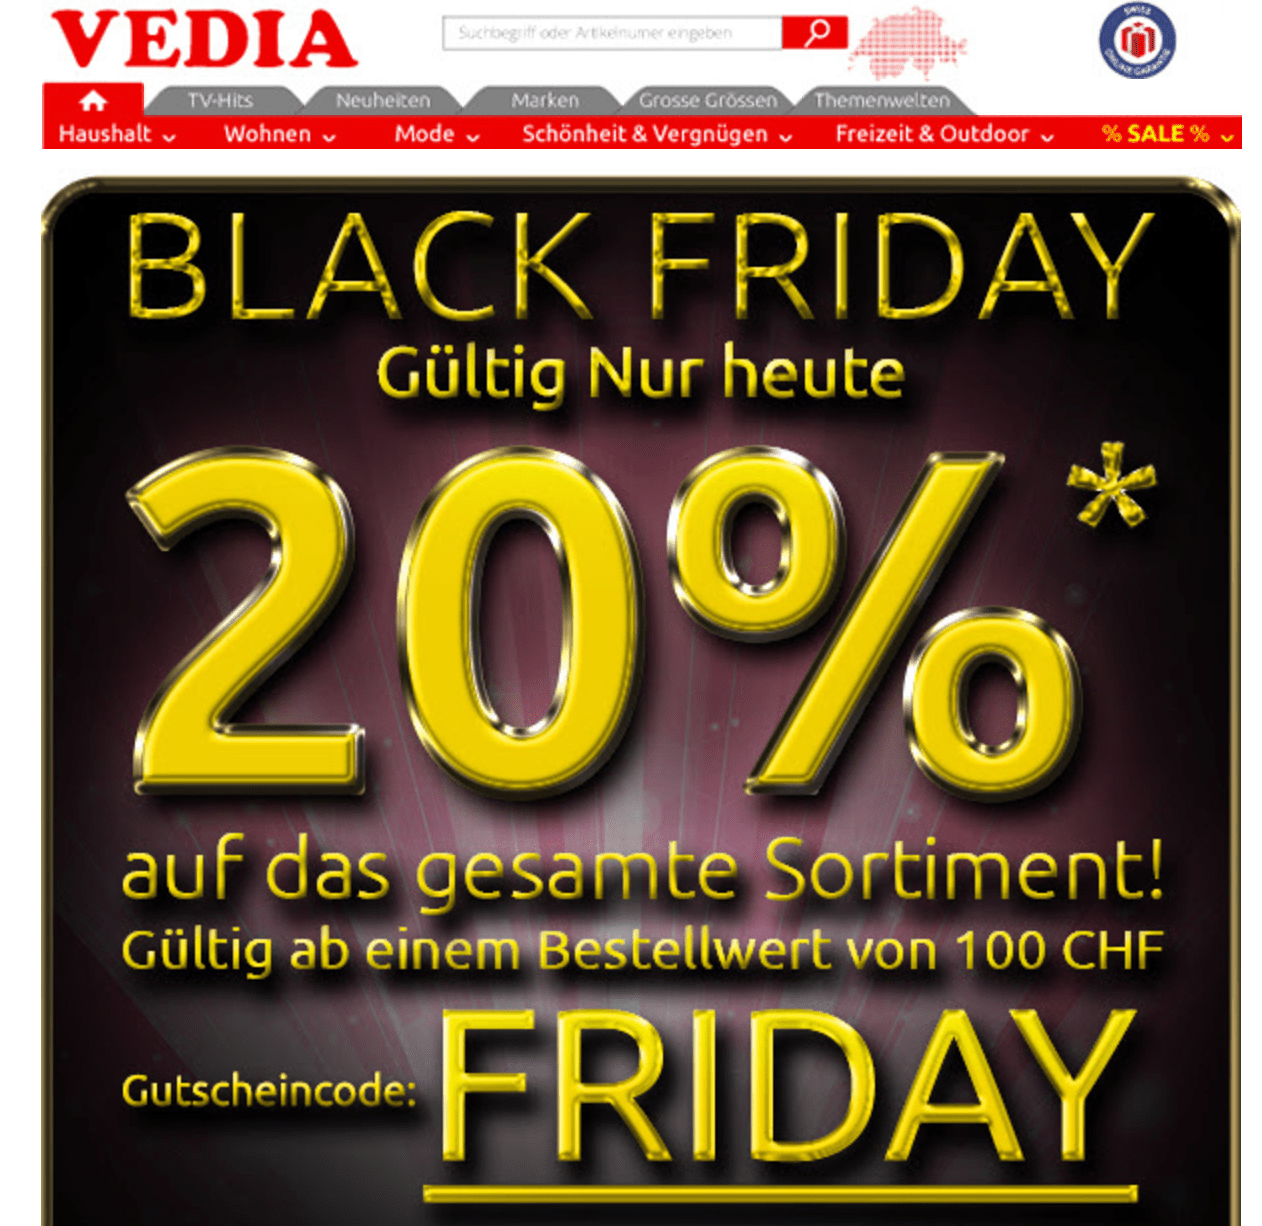 vedia deal bersicht zum black friday 2019 und cyber monday. Black Bedroom Furniture Sets. Home Design Ideas